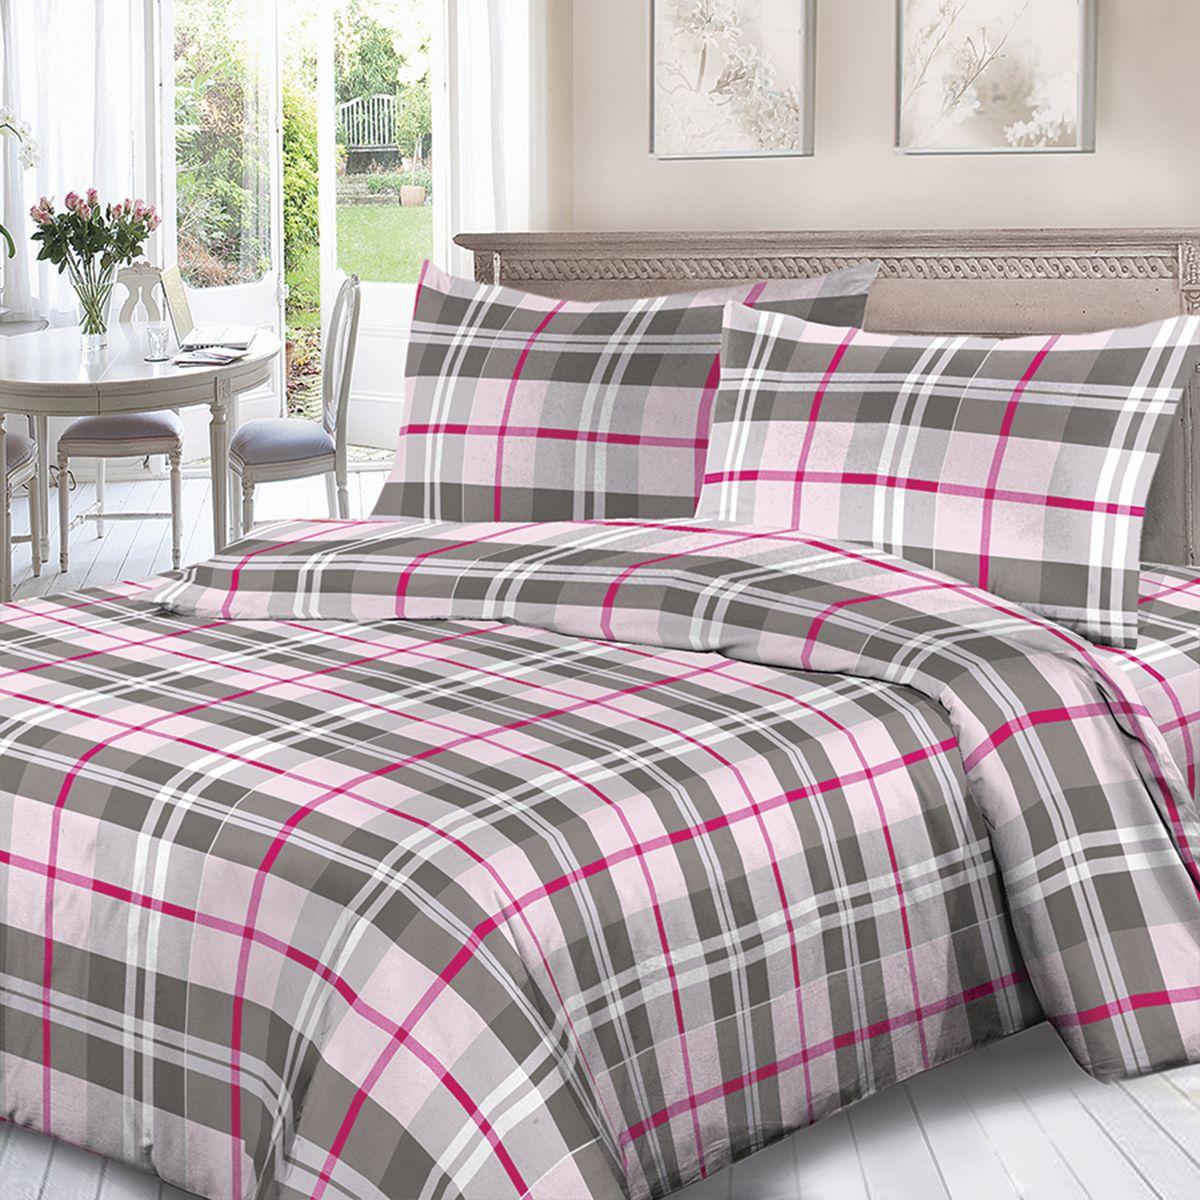 Комплект белья Для Снов Каро, 1,5 спальное, наволочки 70x70, цвет: розовый. 1667-186480